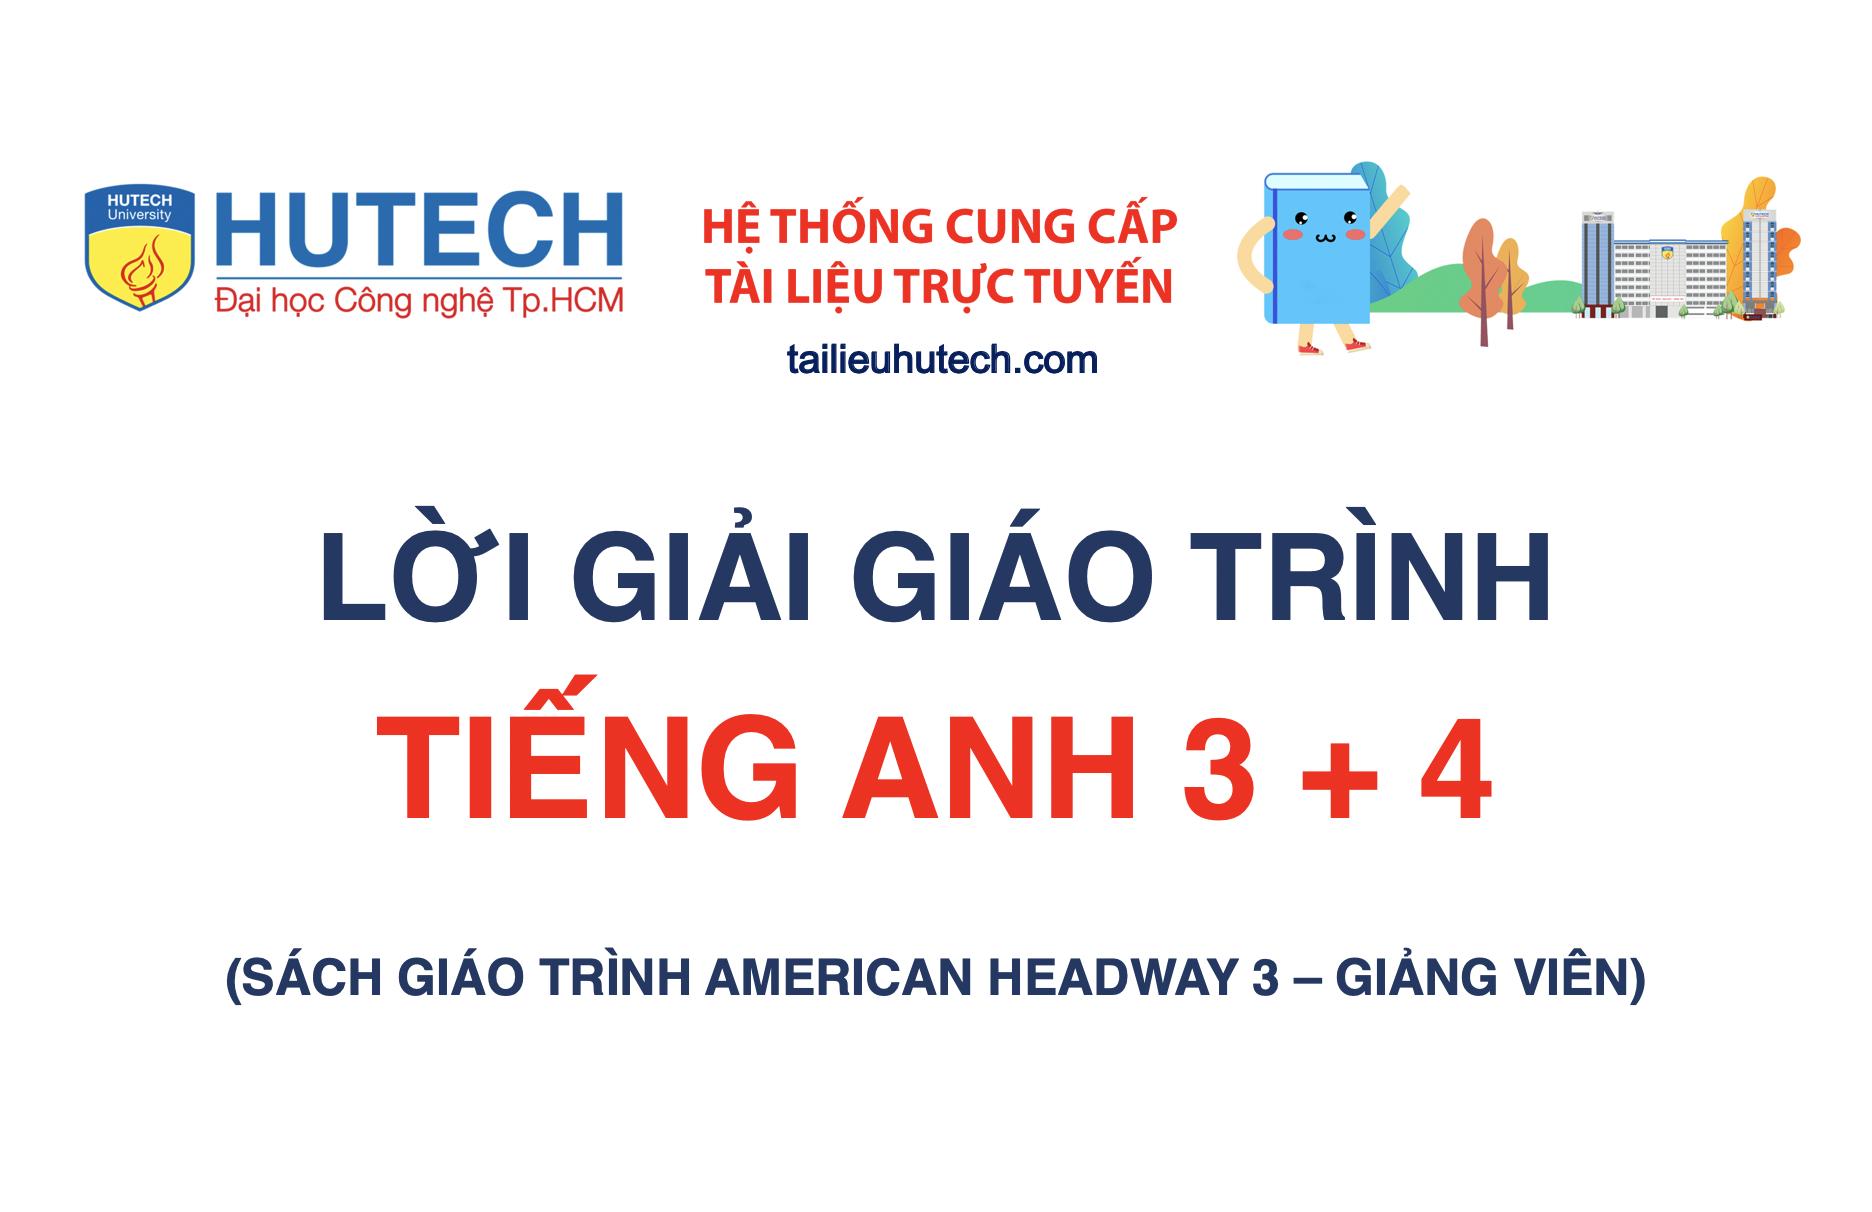 [Lời giải Giáo trình] Tiếng Anh 3 + 4 (American Headway)